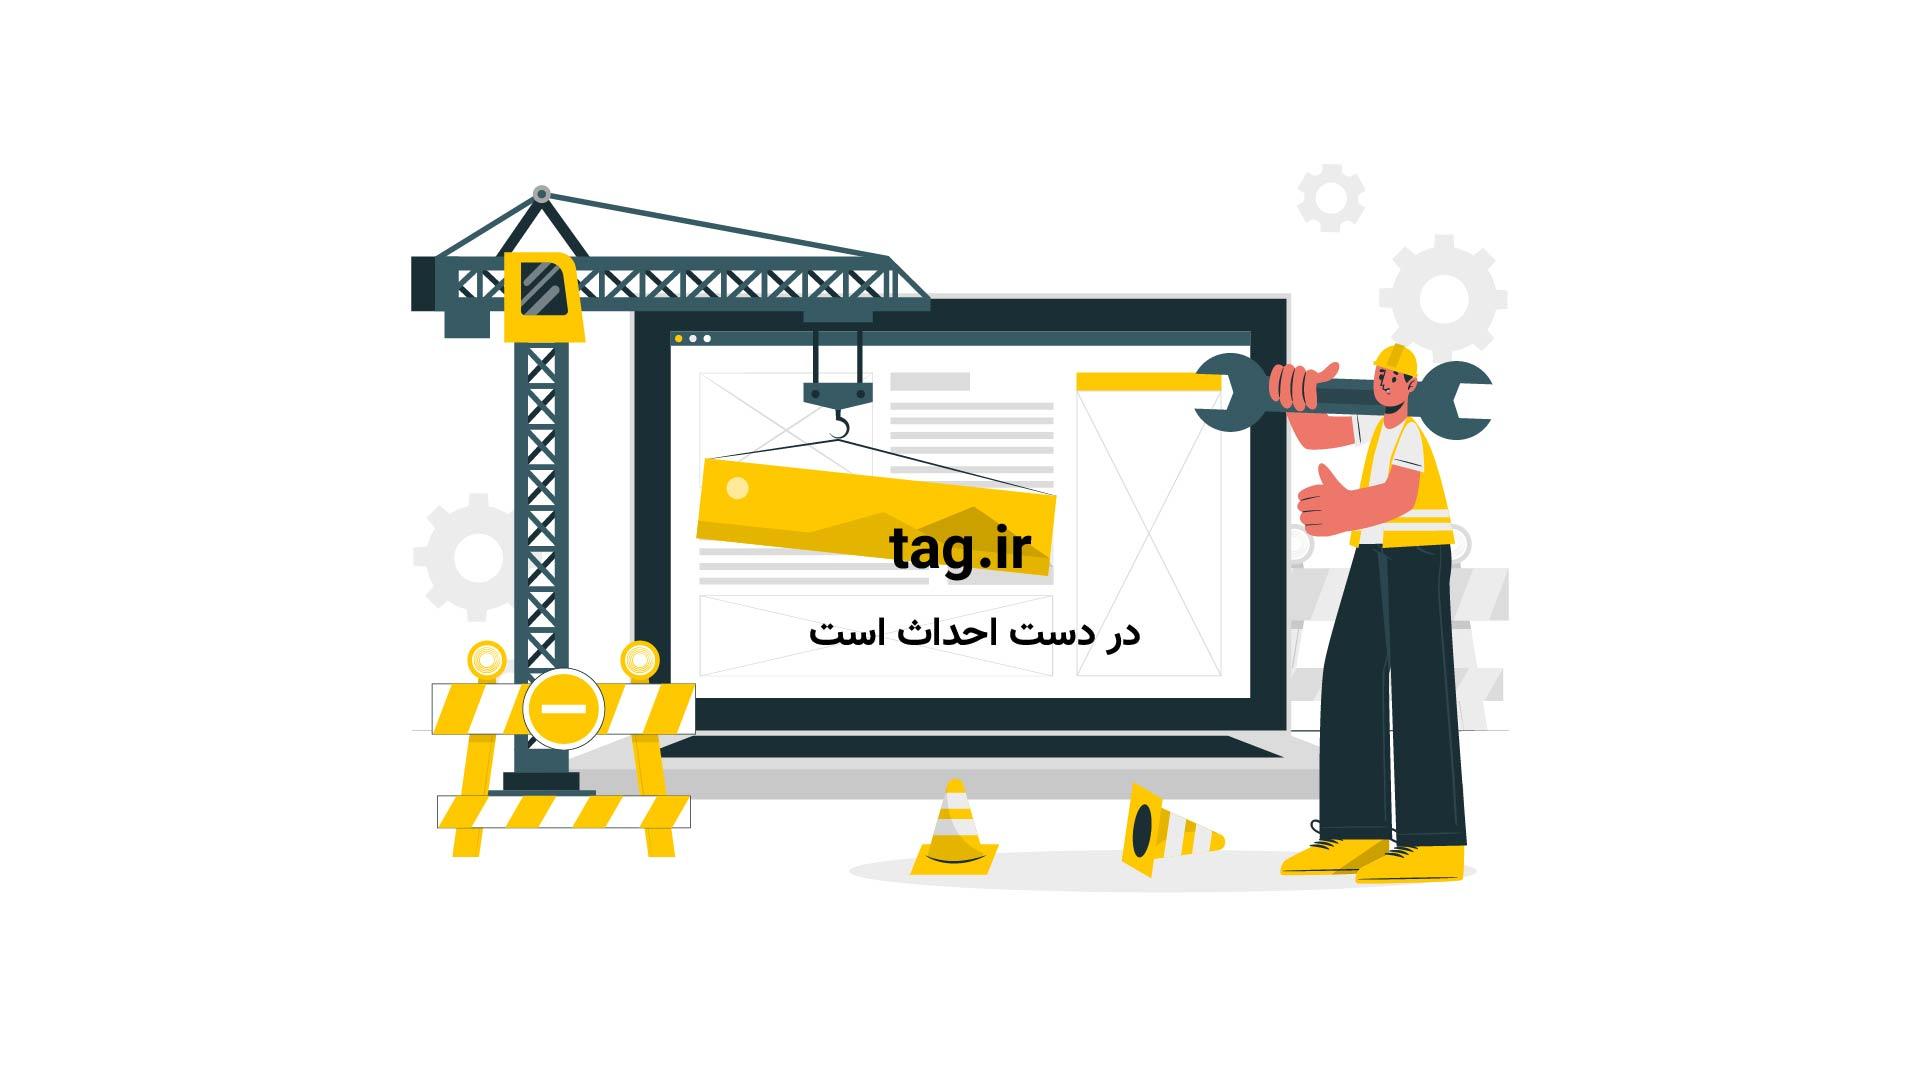 اعلام نتایج رقابت دو گروه آهنگ لو و ستاره های آتشین در خندوانه   فیلم